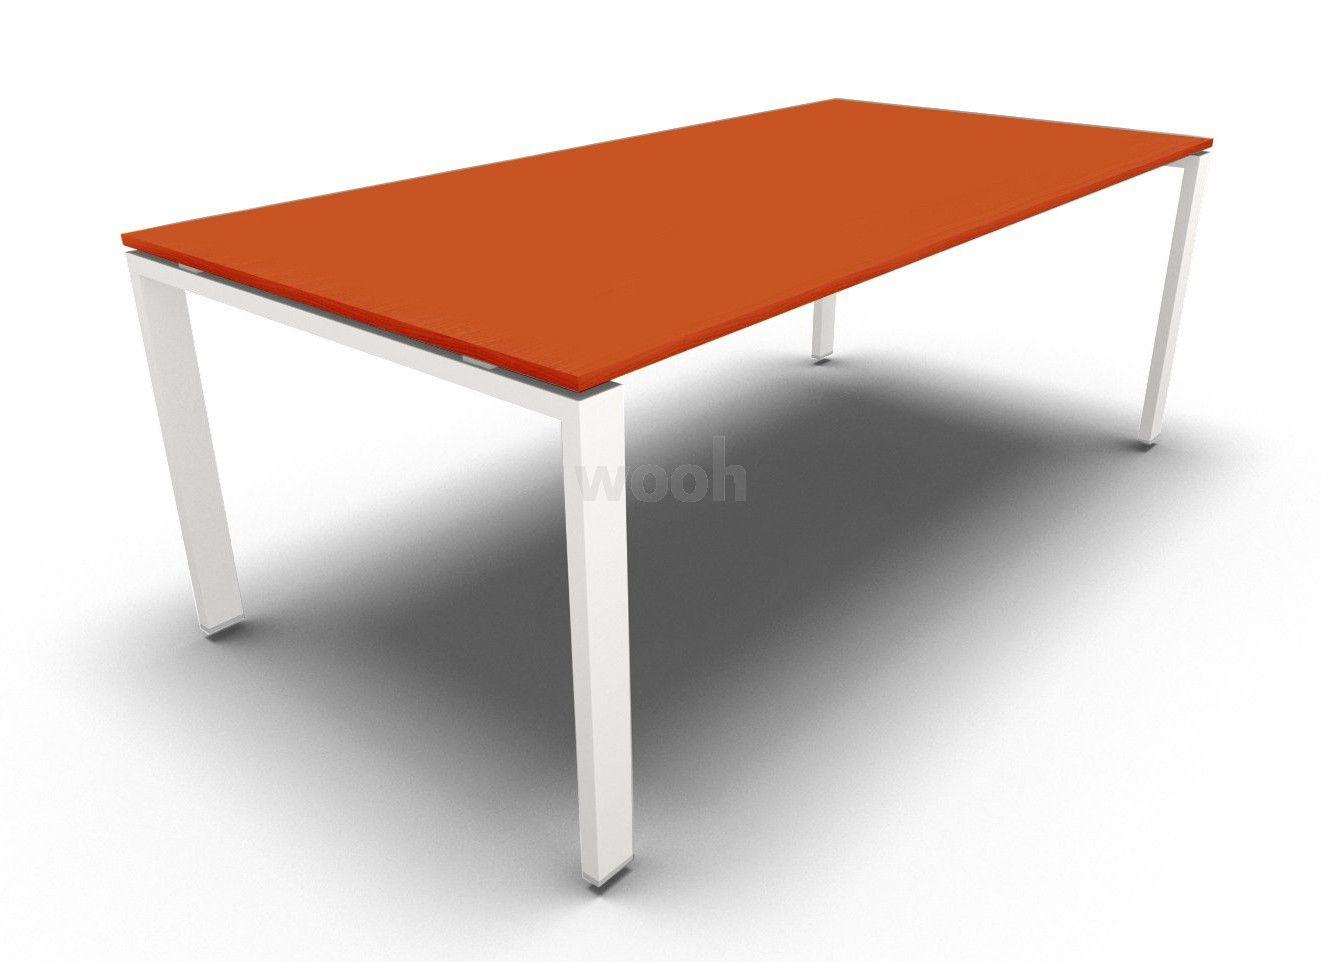 Bureau glider droit verre orange piètement blanc prof wooh